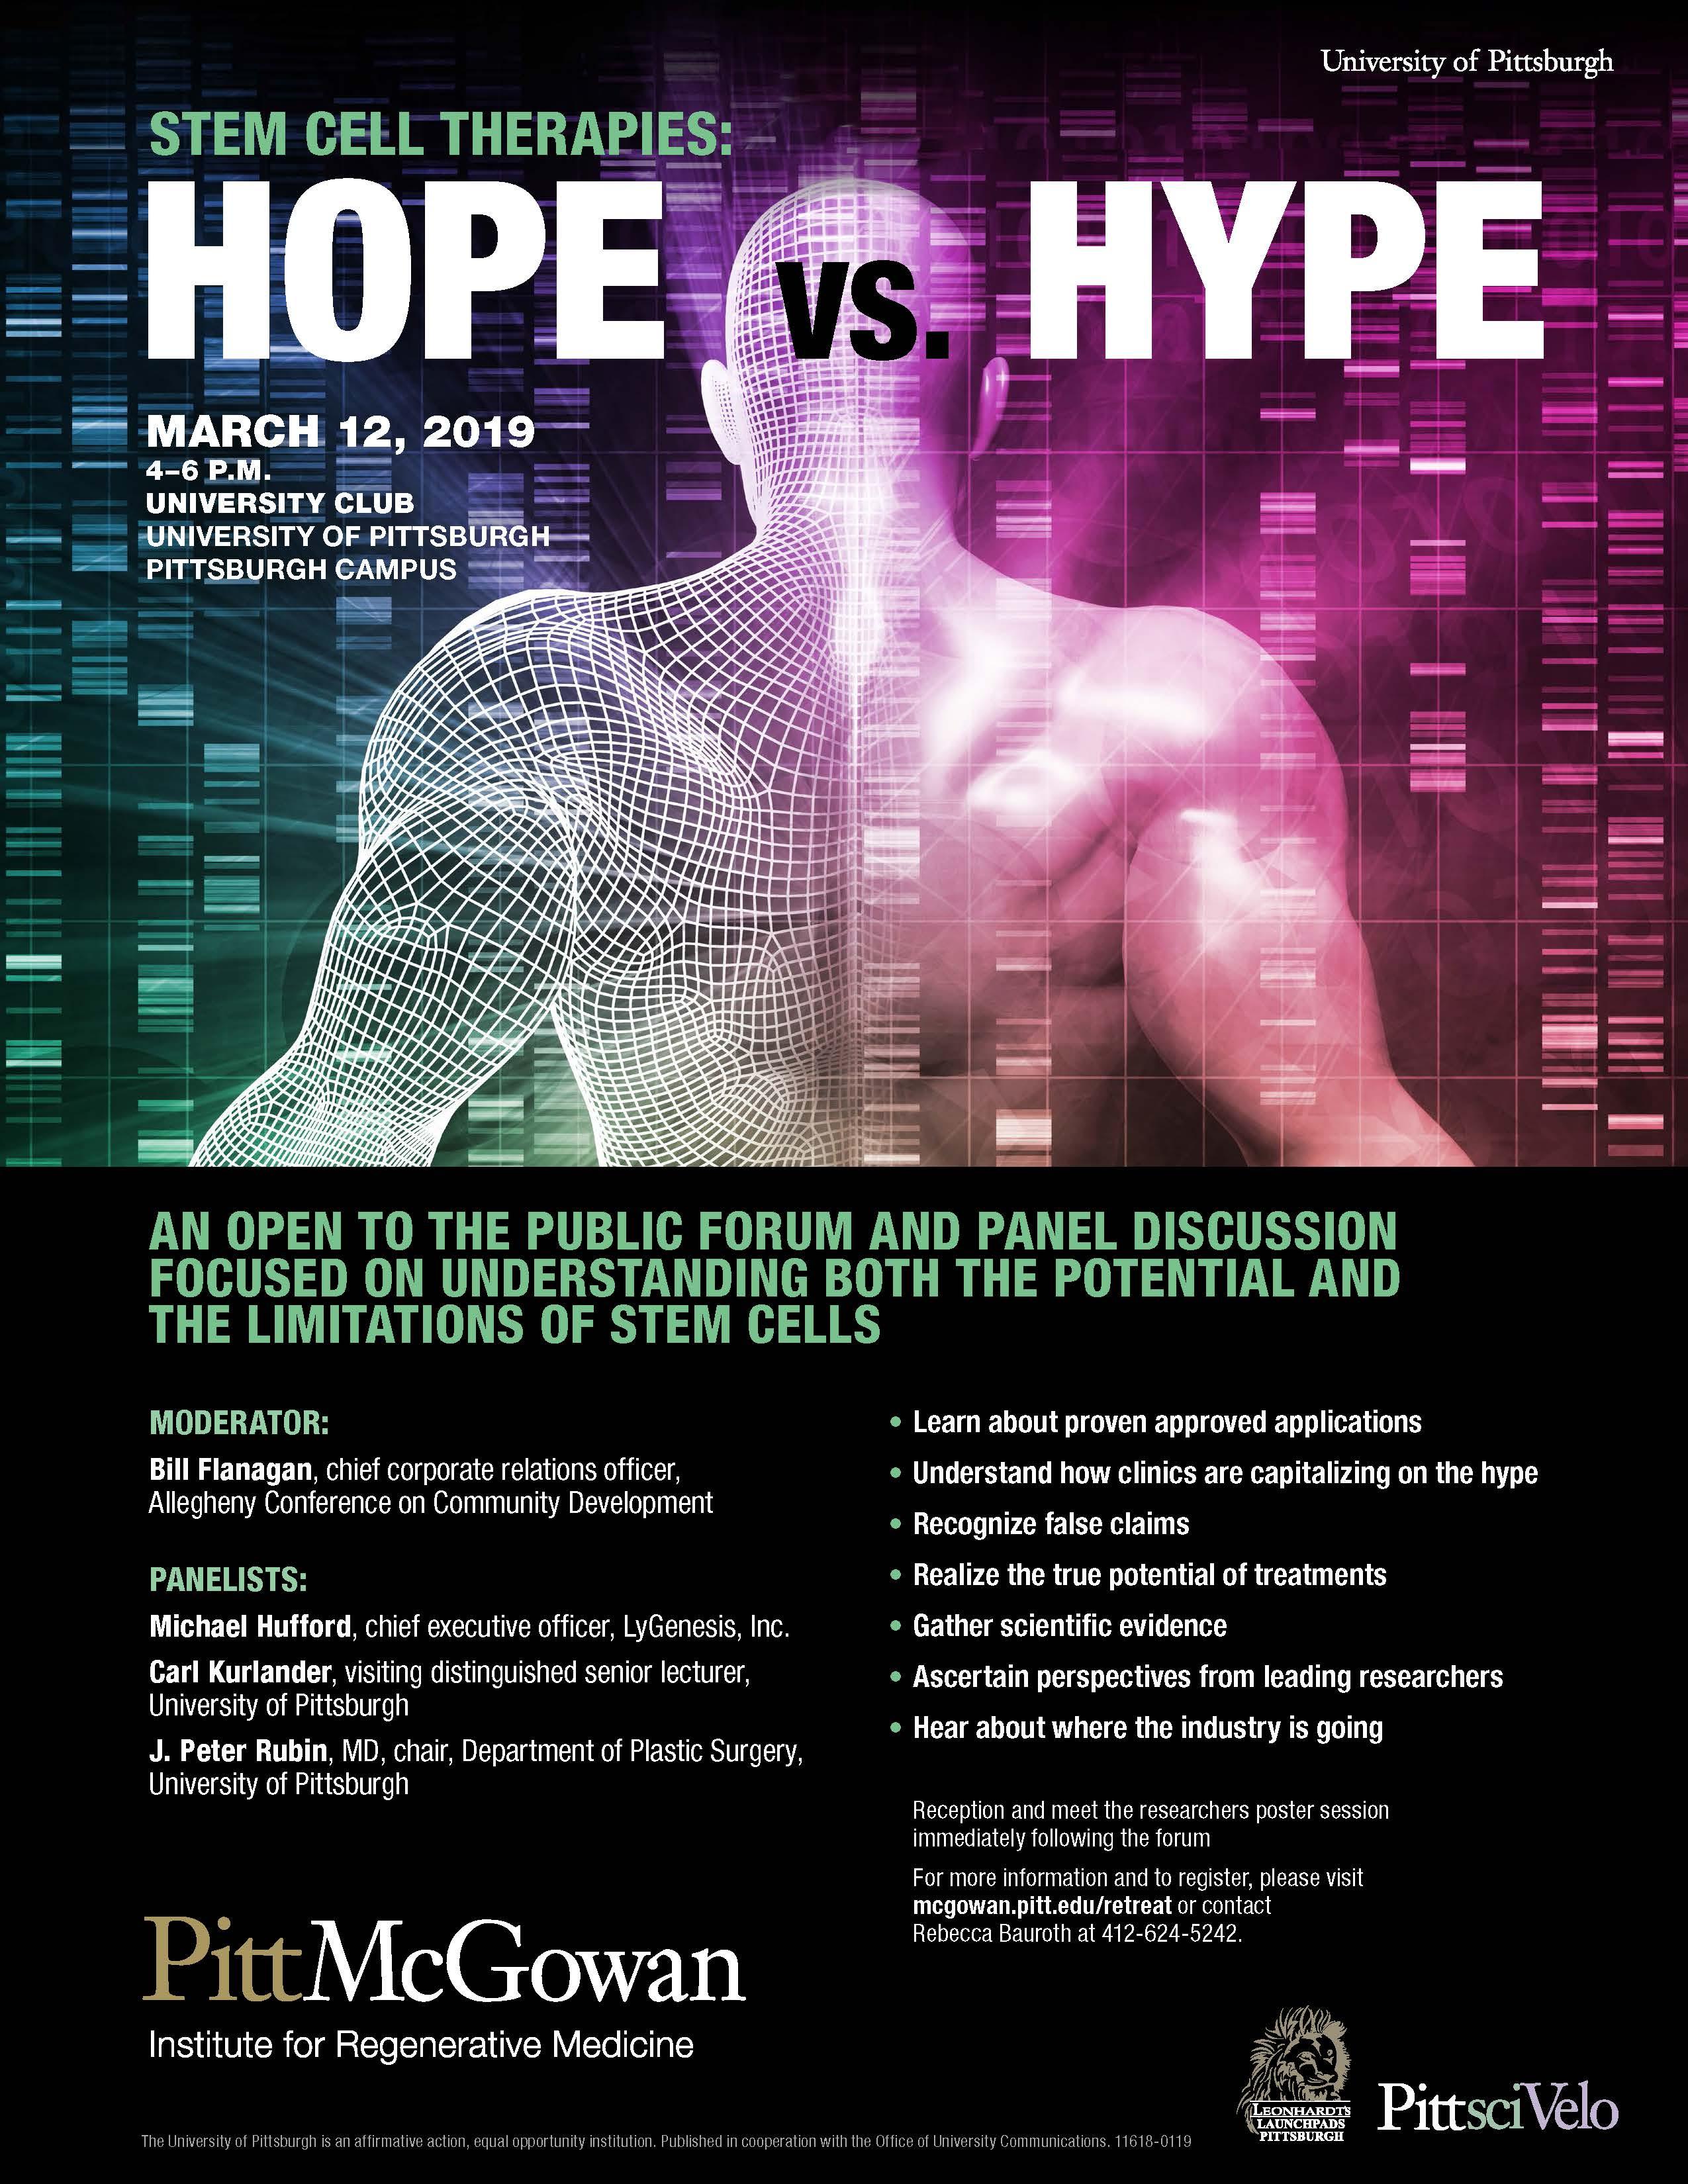 HopevHype